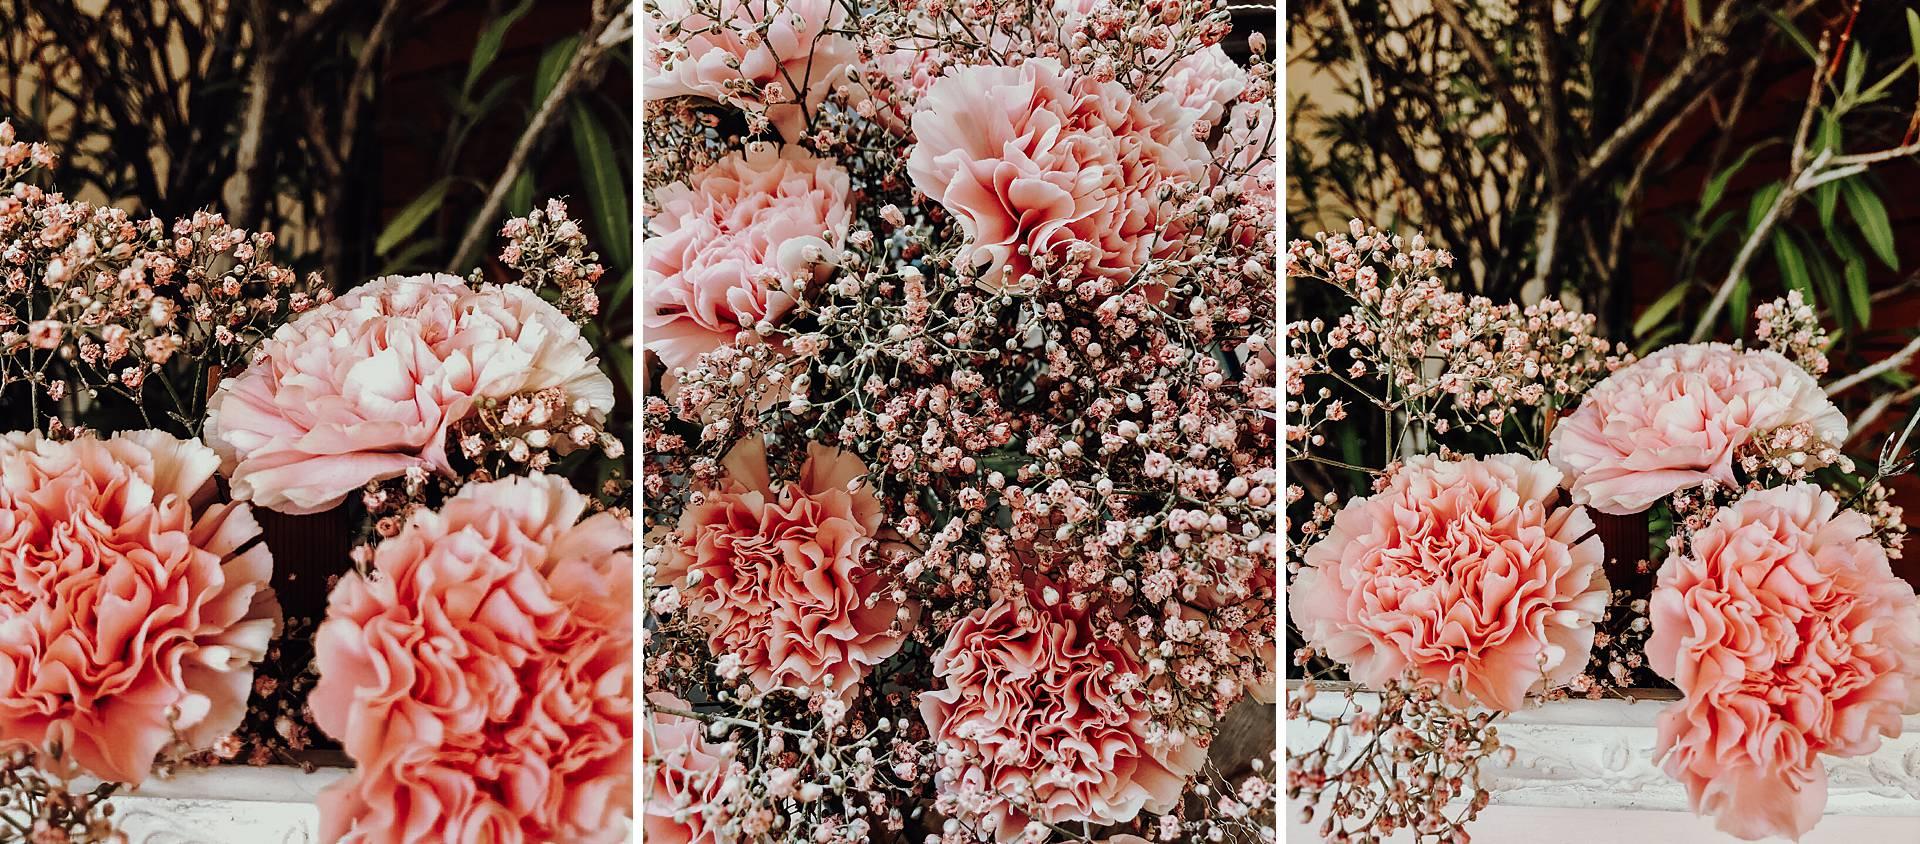 Ein Blumenstrauß in rosa Farbtönen.